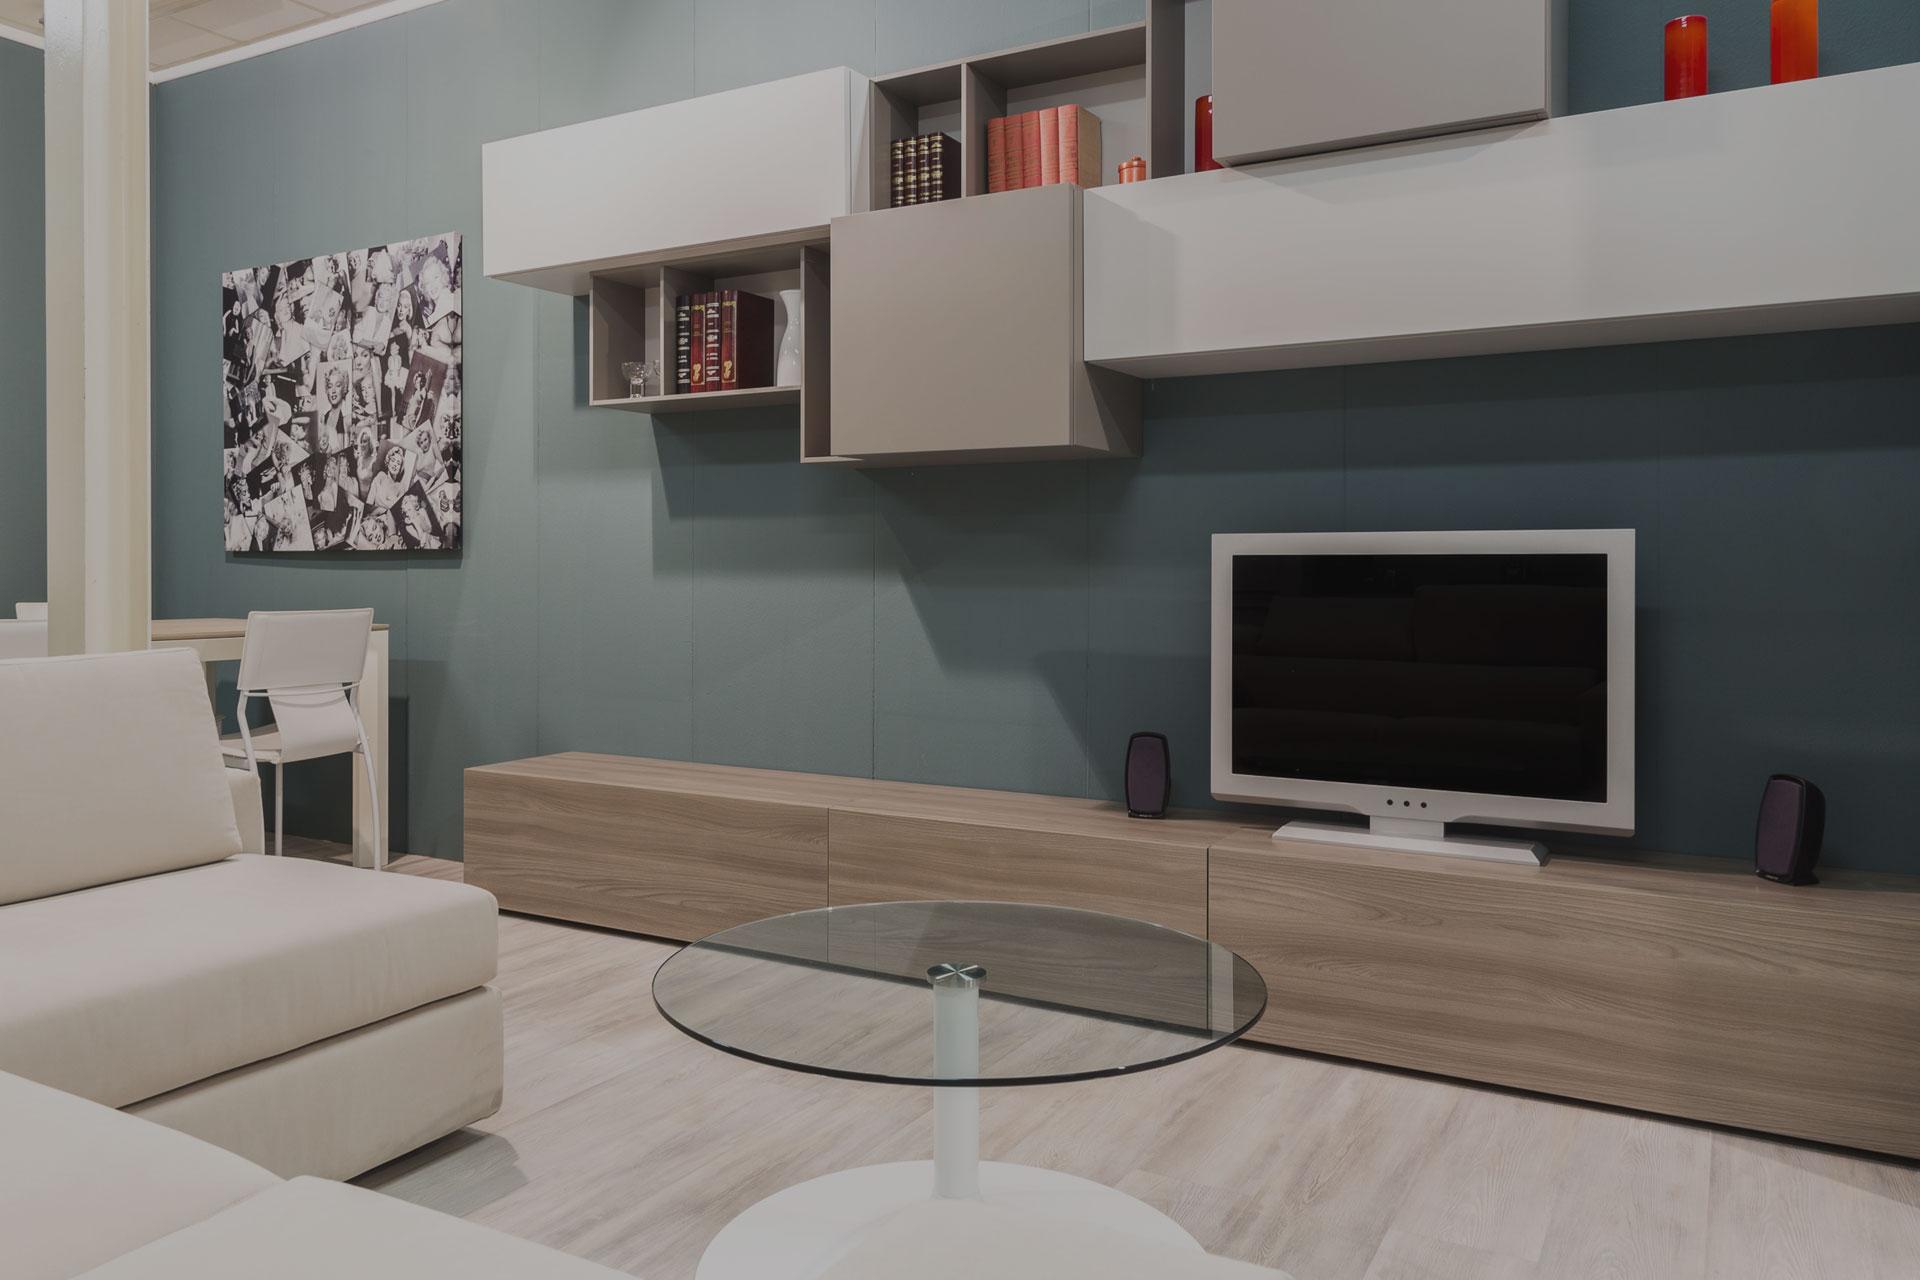 Arredamenti Moderni Immagini negozio di mobili imola arredo casa | ronchi arredamenti